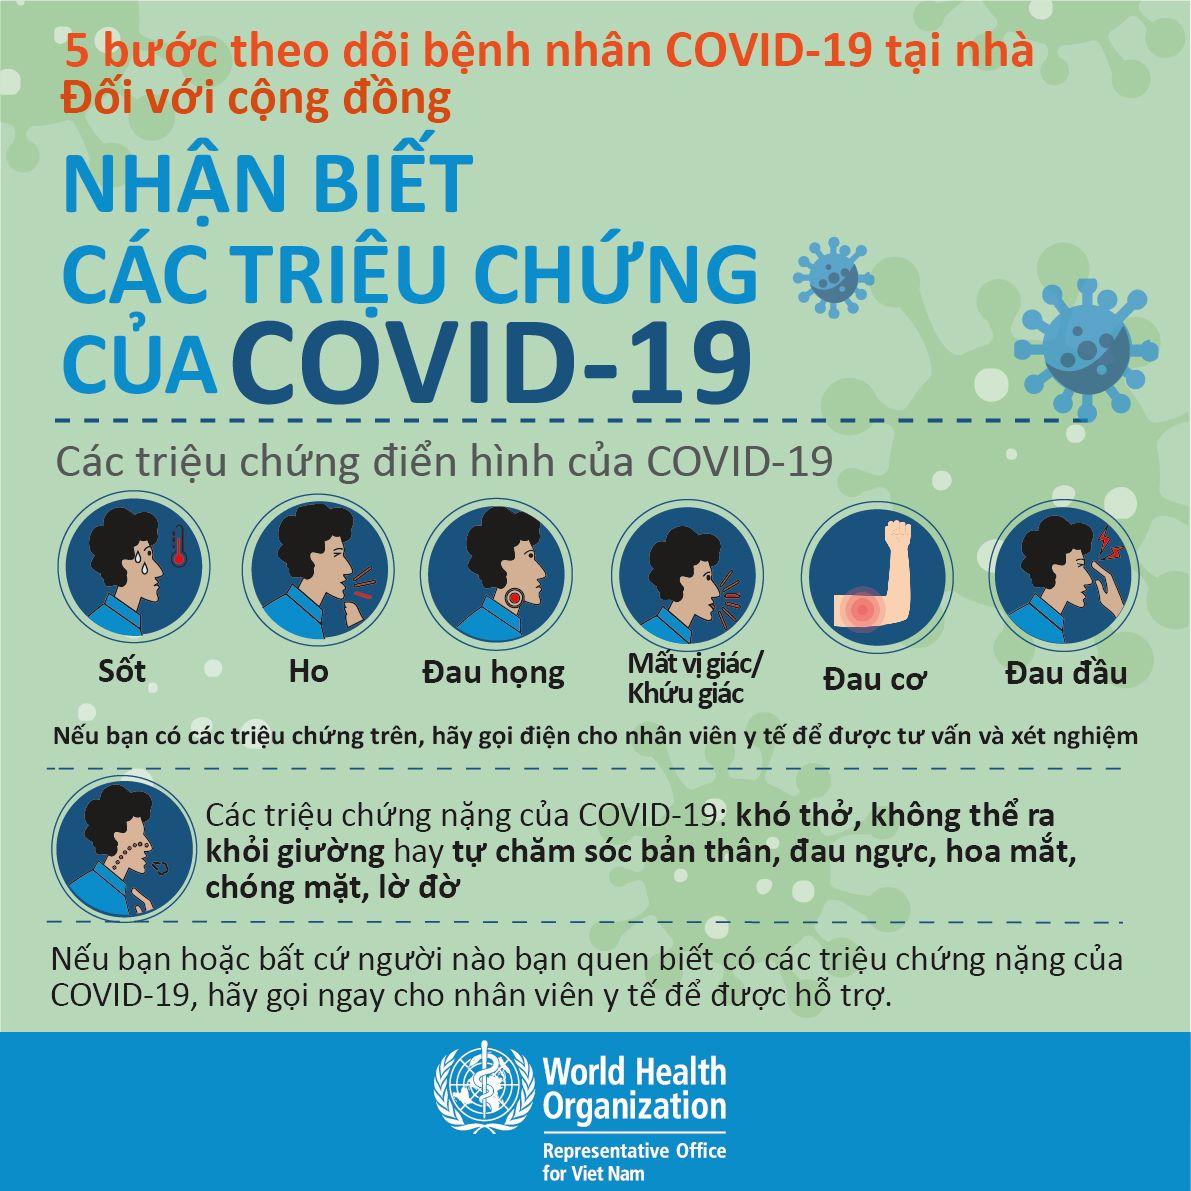 5 bước theo dõi bệnh nhân Covid-19 tại nhà bước 1